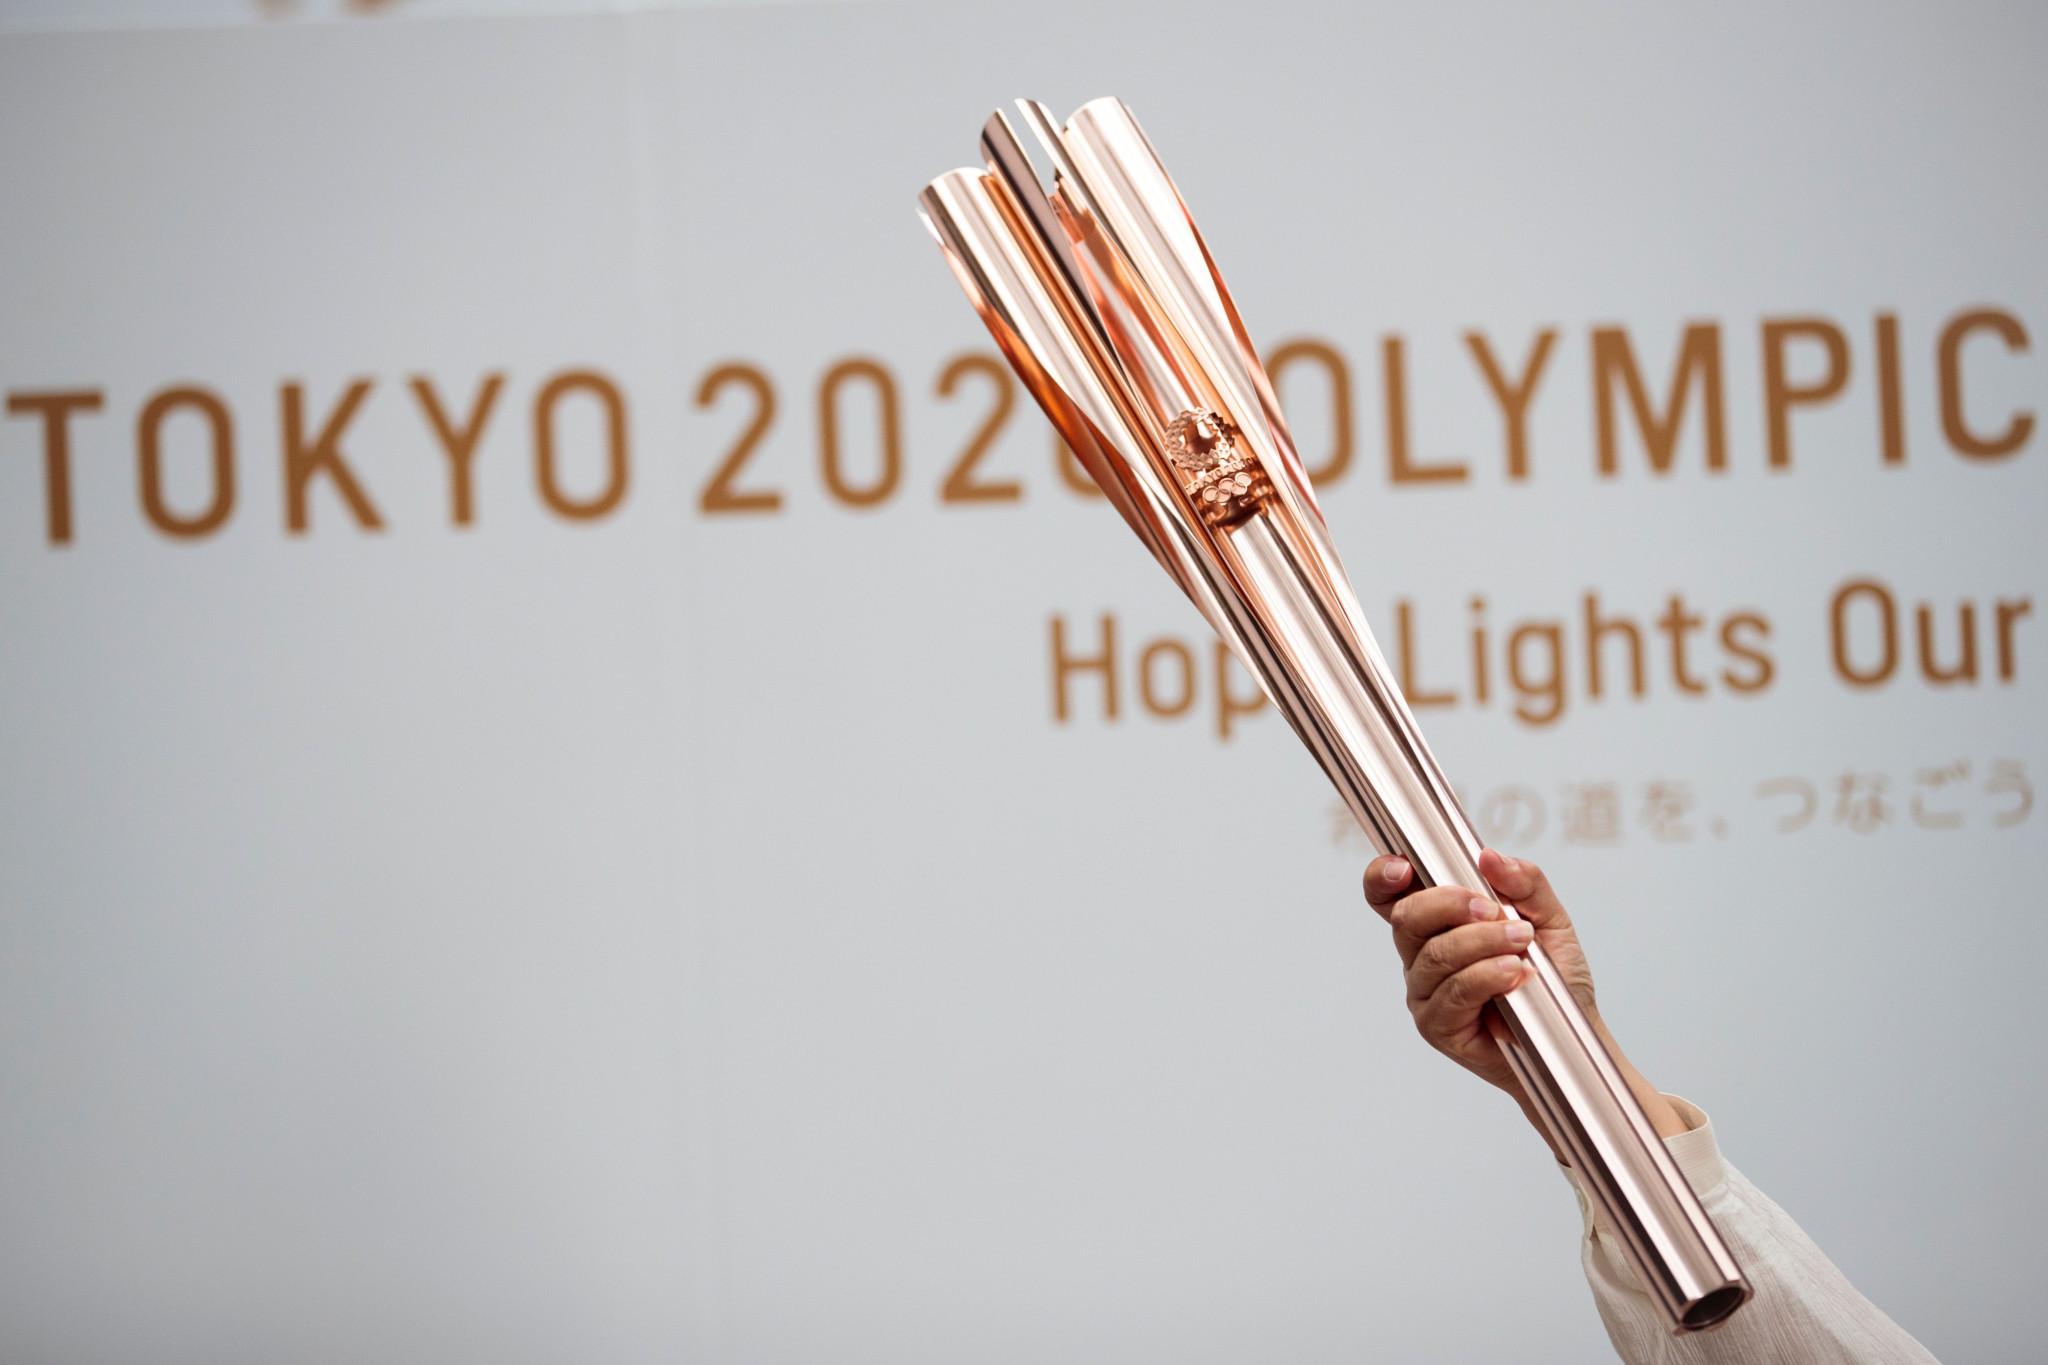 Tóquio 2020: mais uma região de Fukushima é incluída no percurso da tocha olímpica